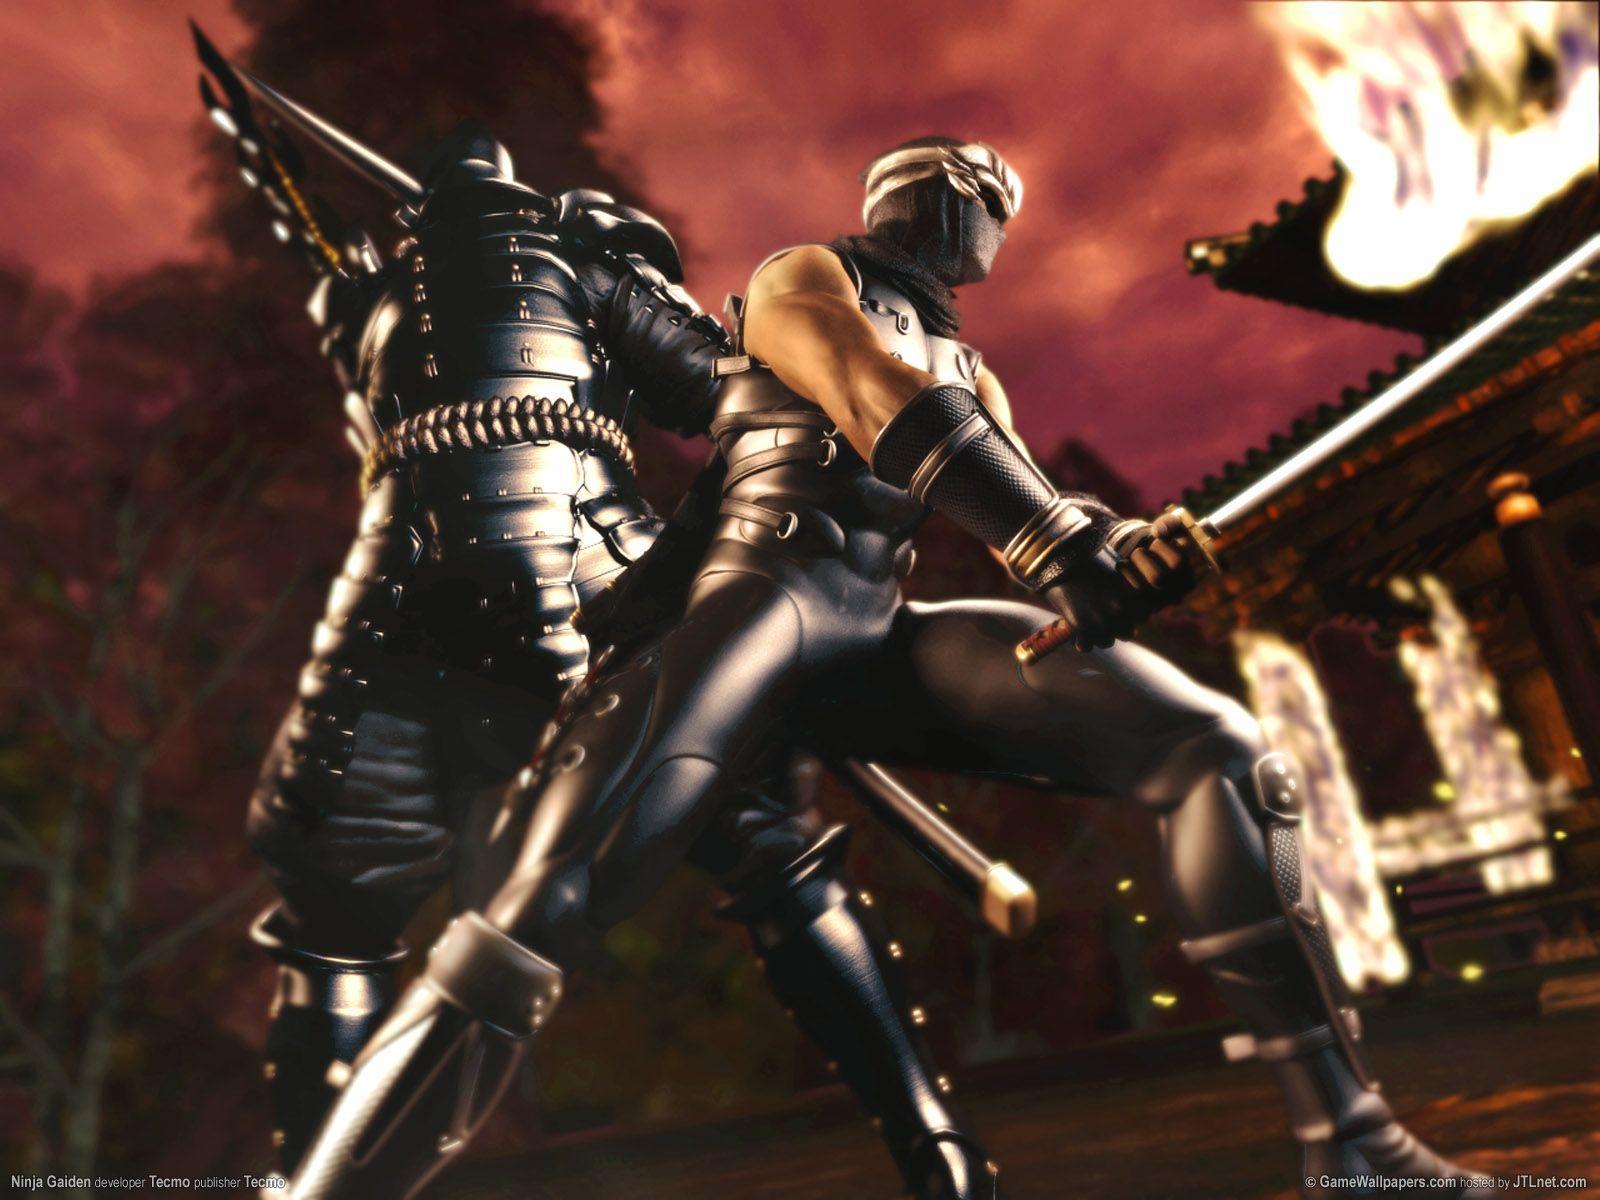 Cool Ninja Gaiden 2 Wallpapers Top Free Cool Ninja Gaiden 2 Backgrounds Wallpaperaccess